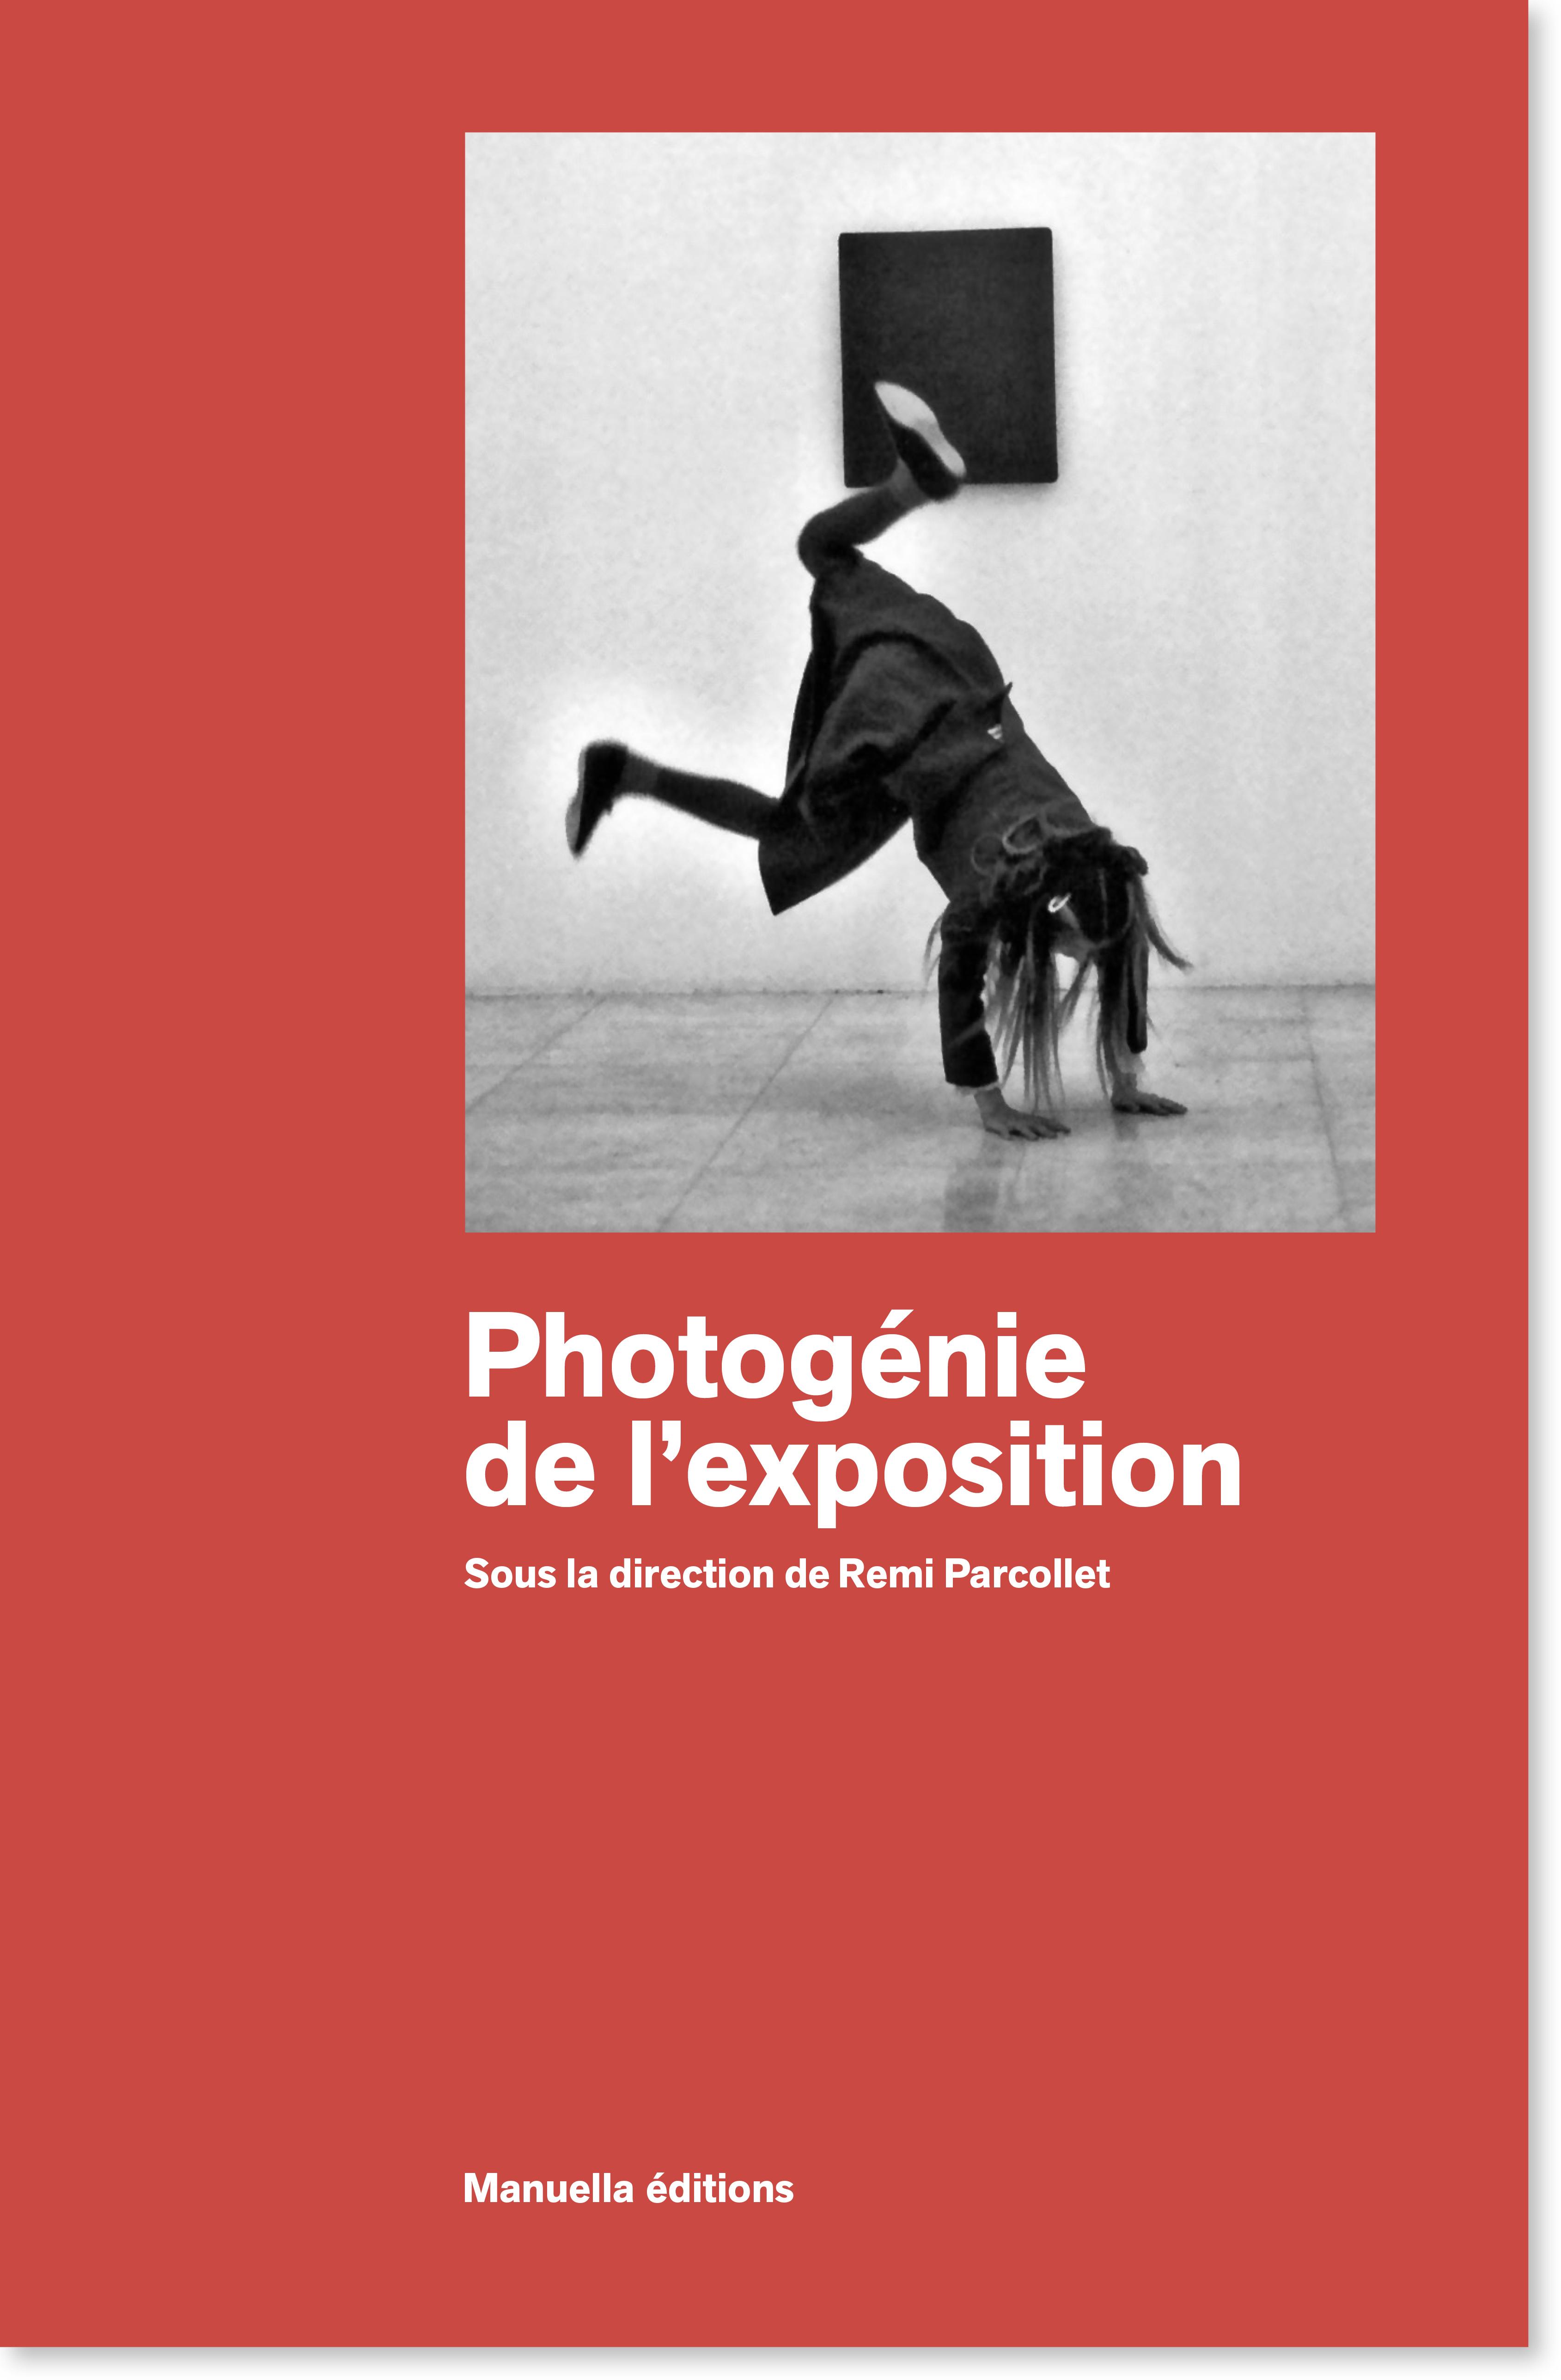 PHOTOGENIE DE L EXPOSITION